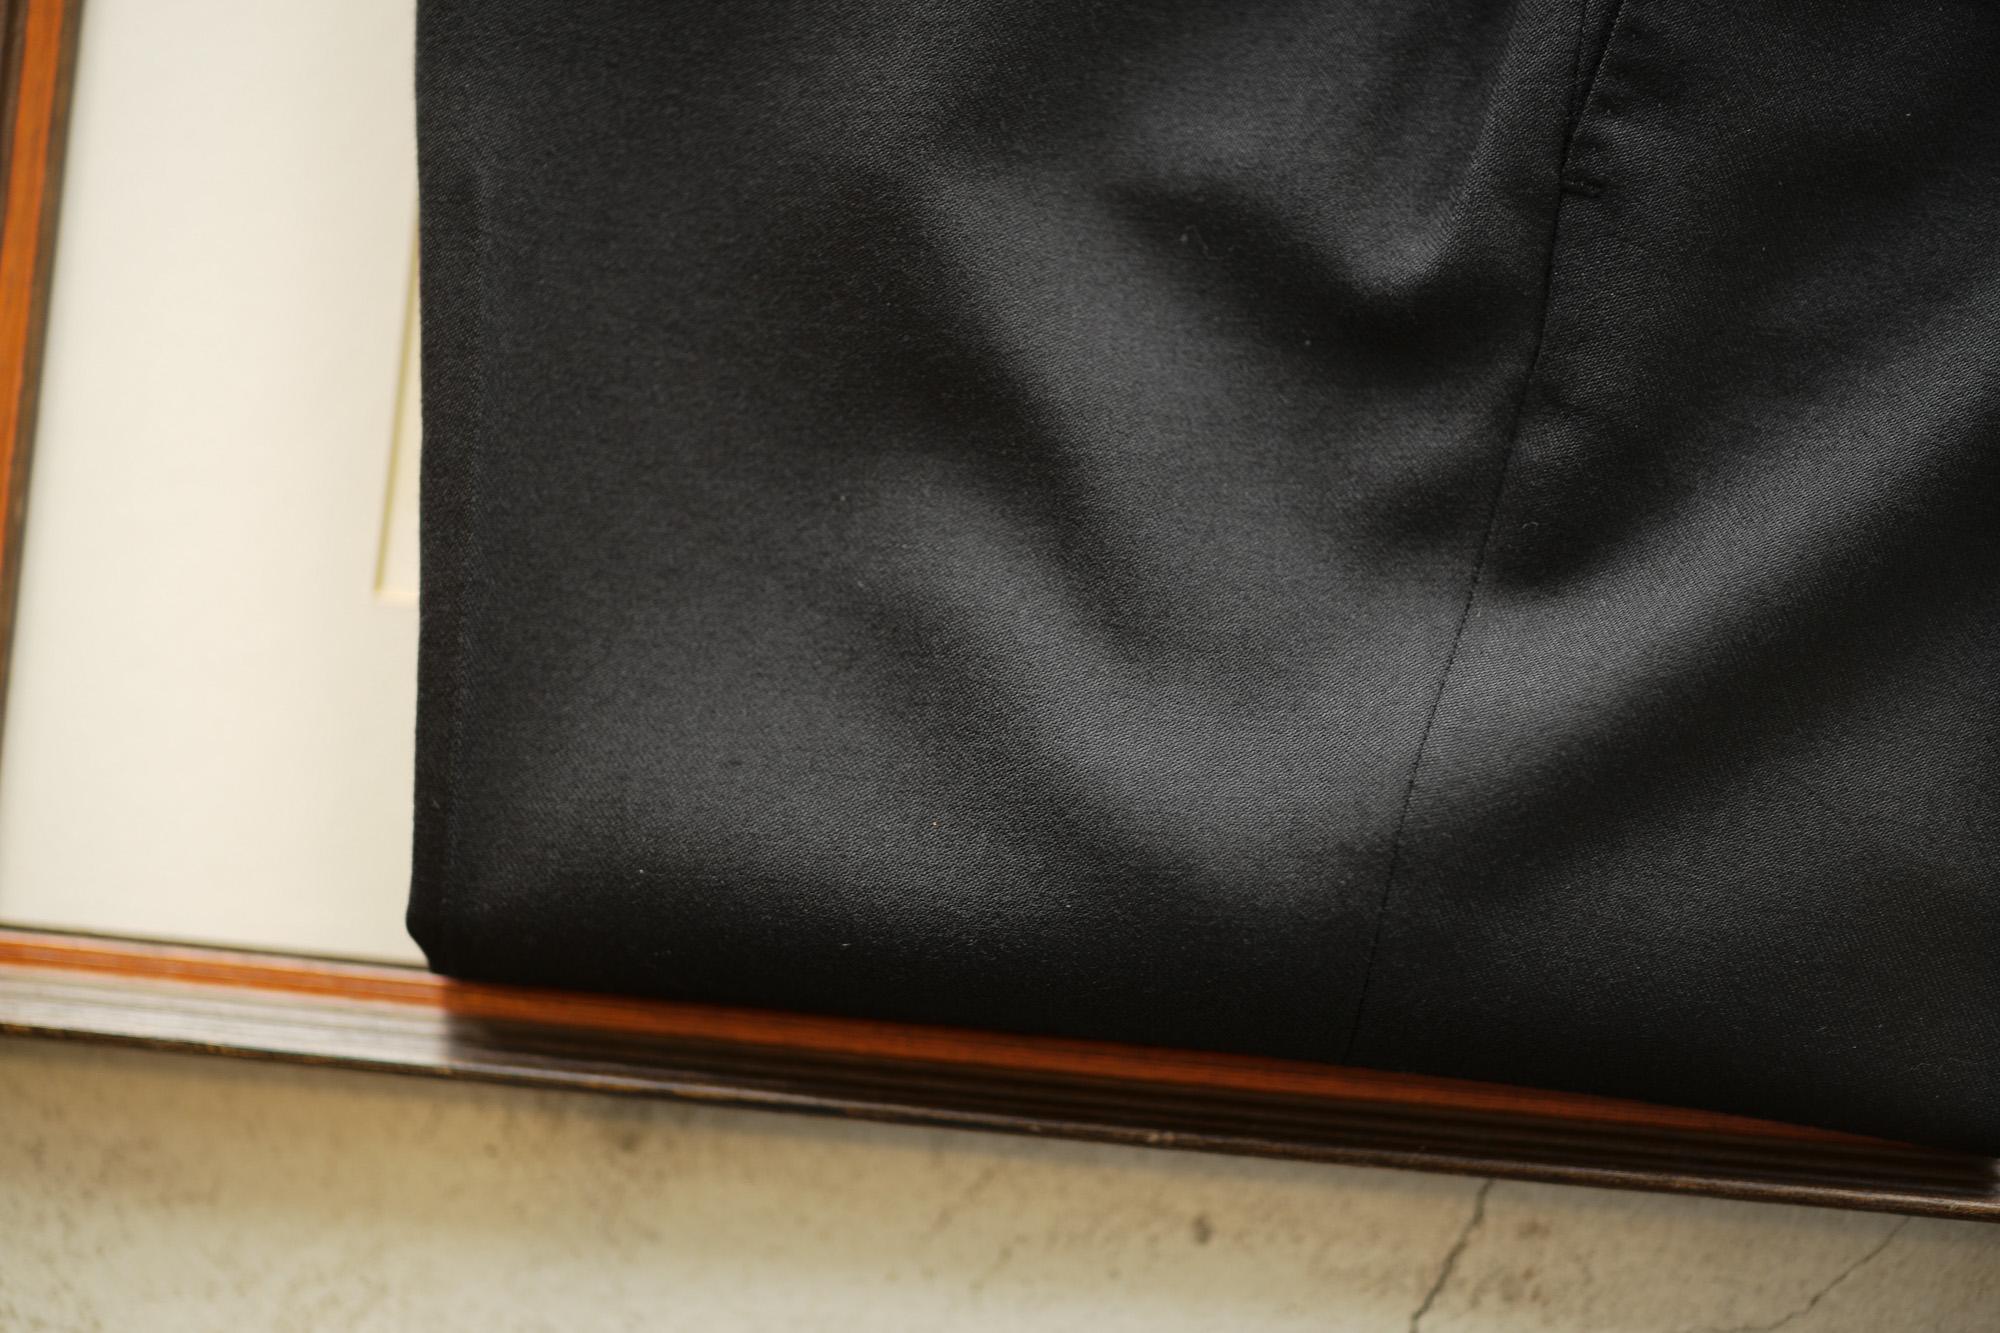 INCOTEX (インコテックス) N35 SLIM FIT (1NG035R) TECHNO FLANNEL URBAN TRAVELLER (テクノ フランネル アーバン トラベラー) ストレッチ ウォッシャブル フランネル ウール スラックス BLACK (ブラック・990) 2018 秋冬新作 incotex alto e diritto altoediritto アルトエデリット グレスラ グレースラックス 愛知 名古屋 セレクトショップ 洋服屋